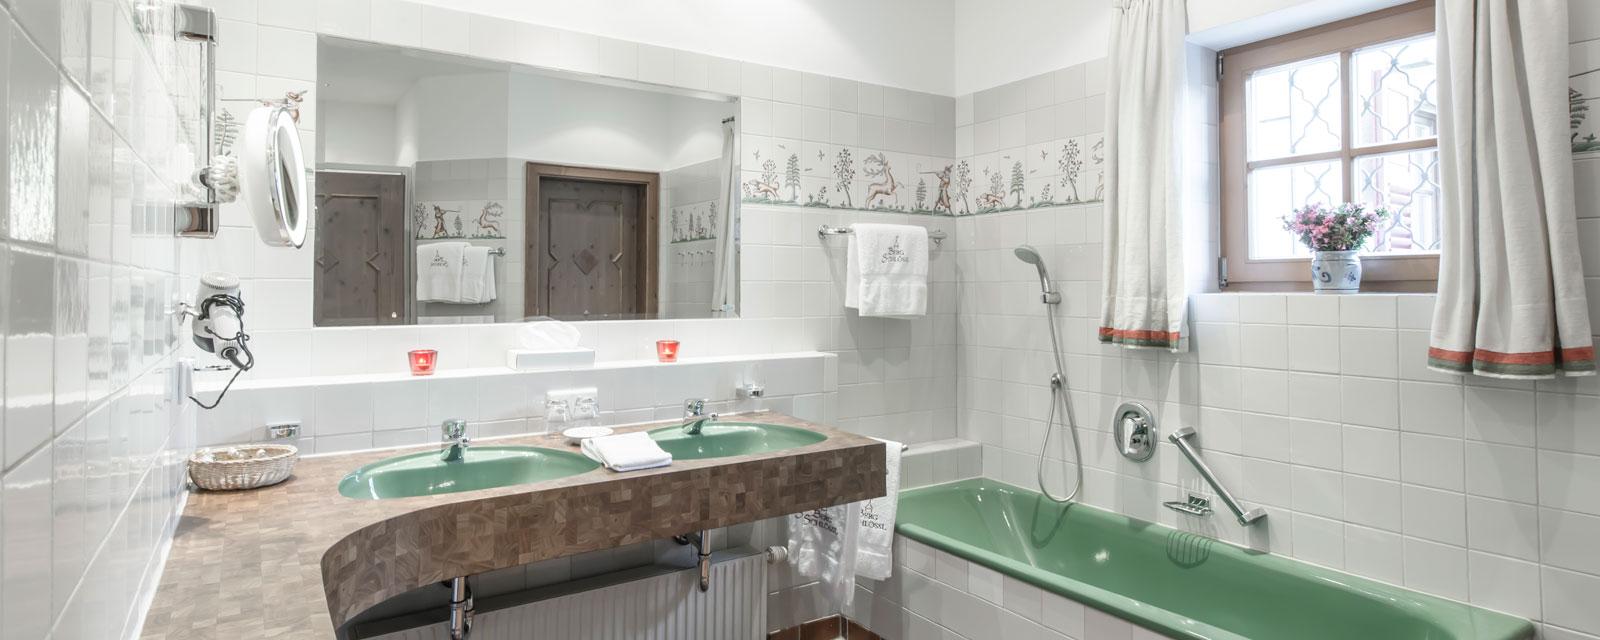 Badezimmer in den Farben weiß, braun, grün